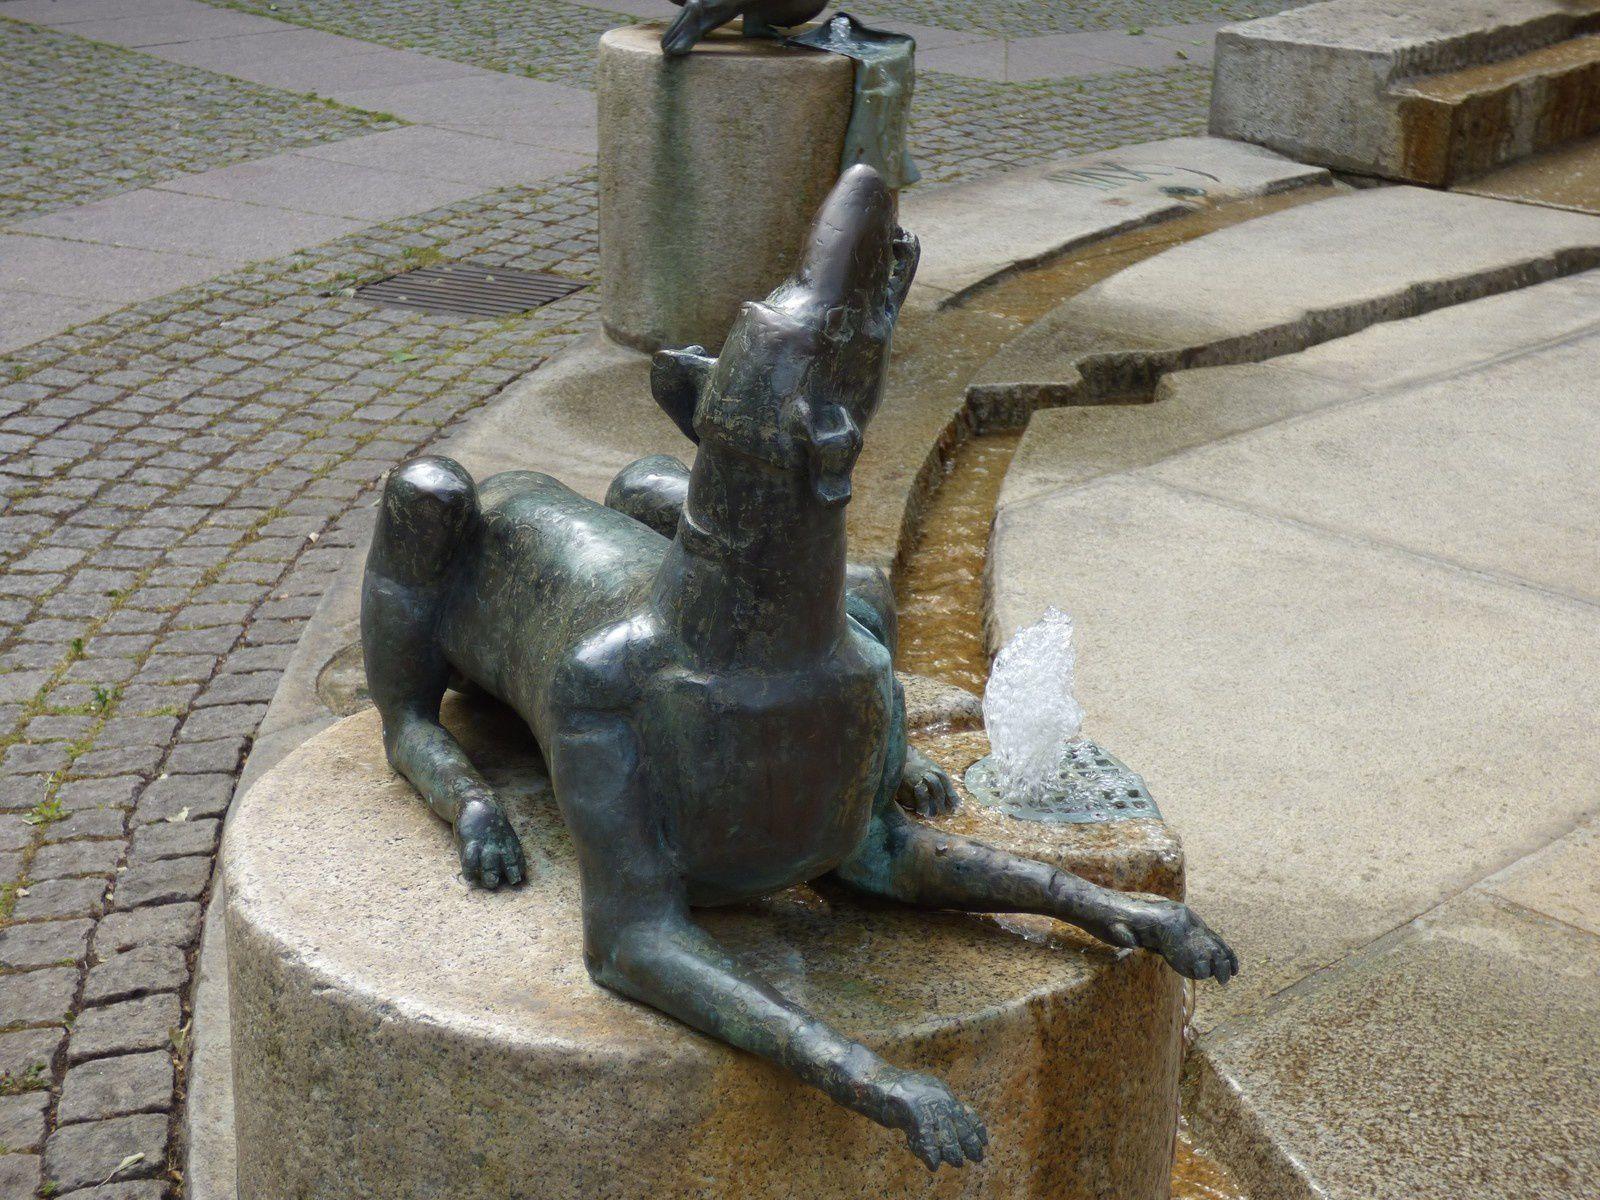 A la belle fontaine...